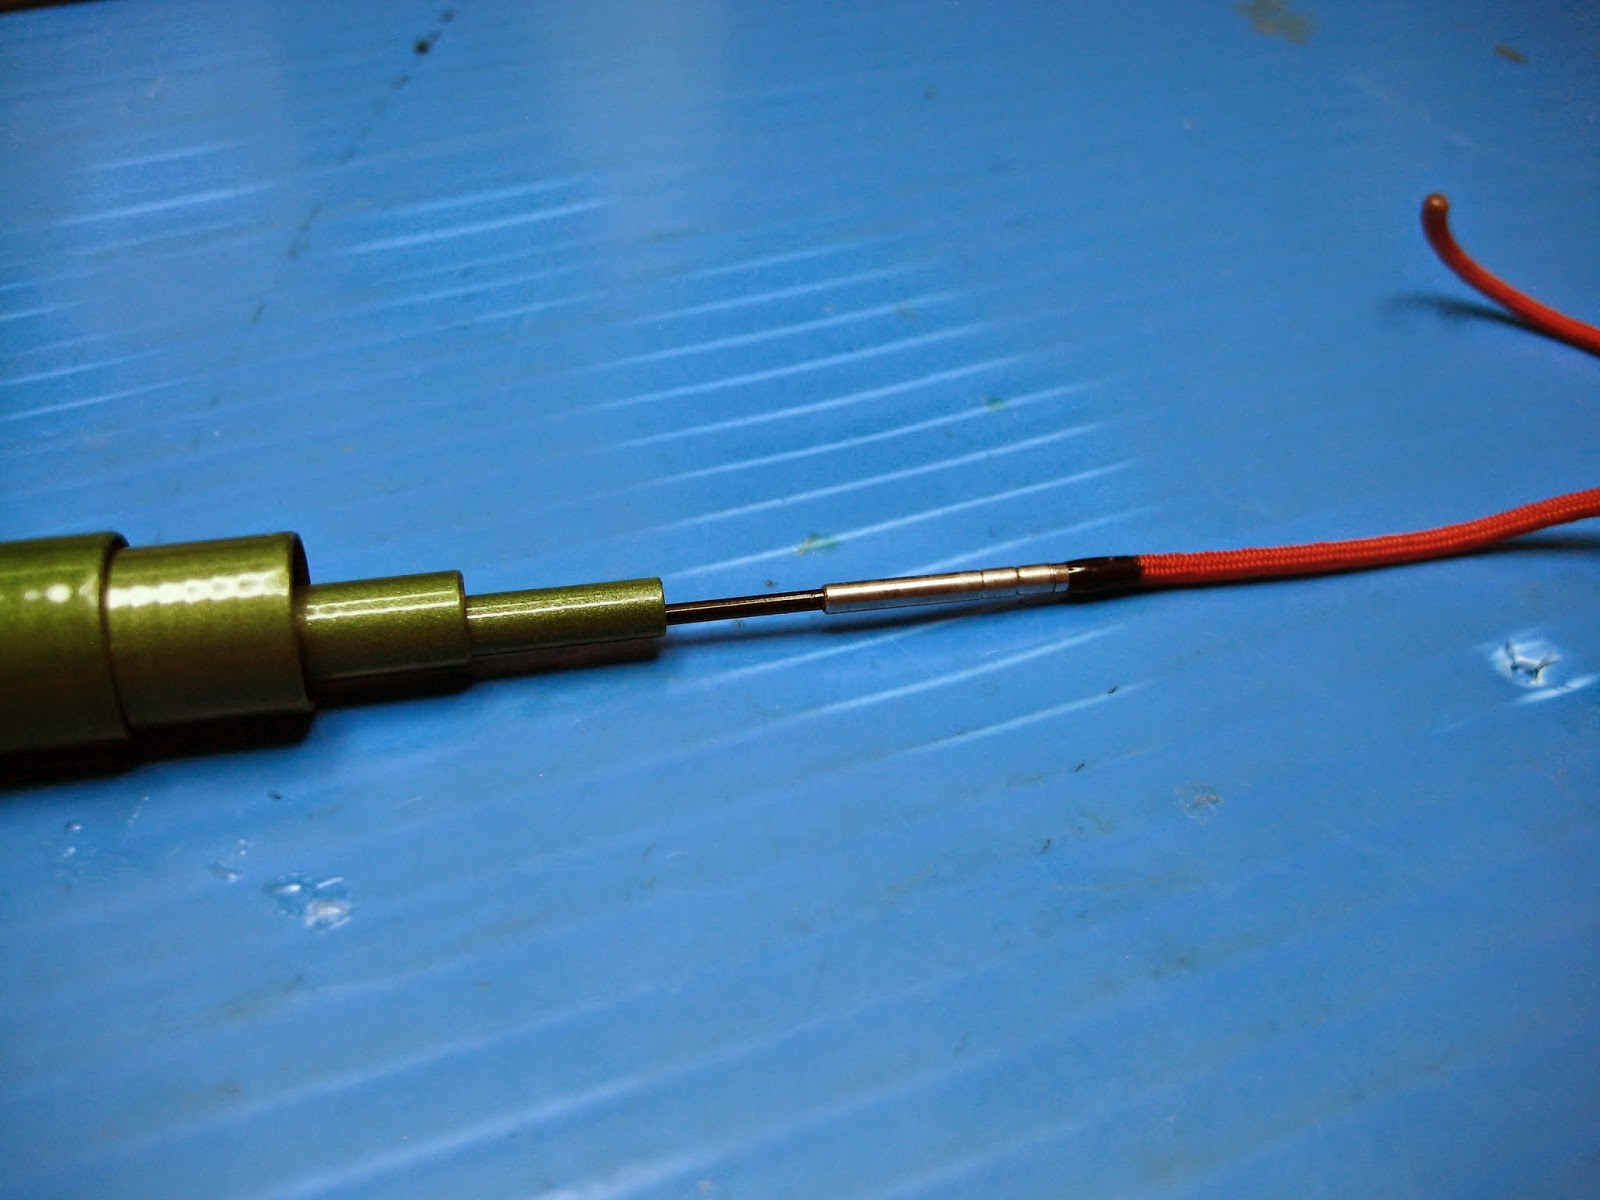 Teton tenkara zen fly fishing gear baichi tenkara rod for Fly fishing equipment